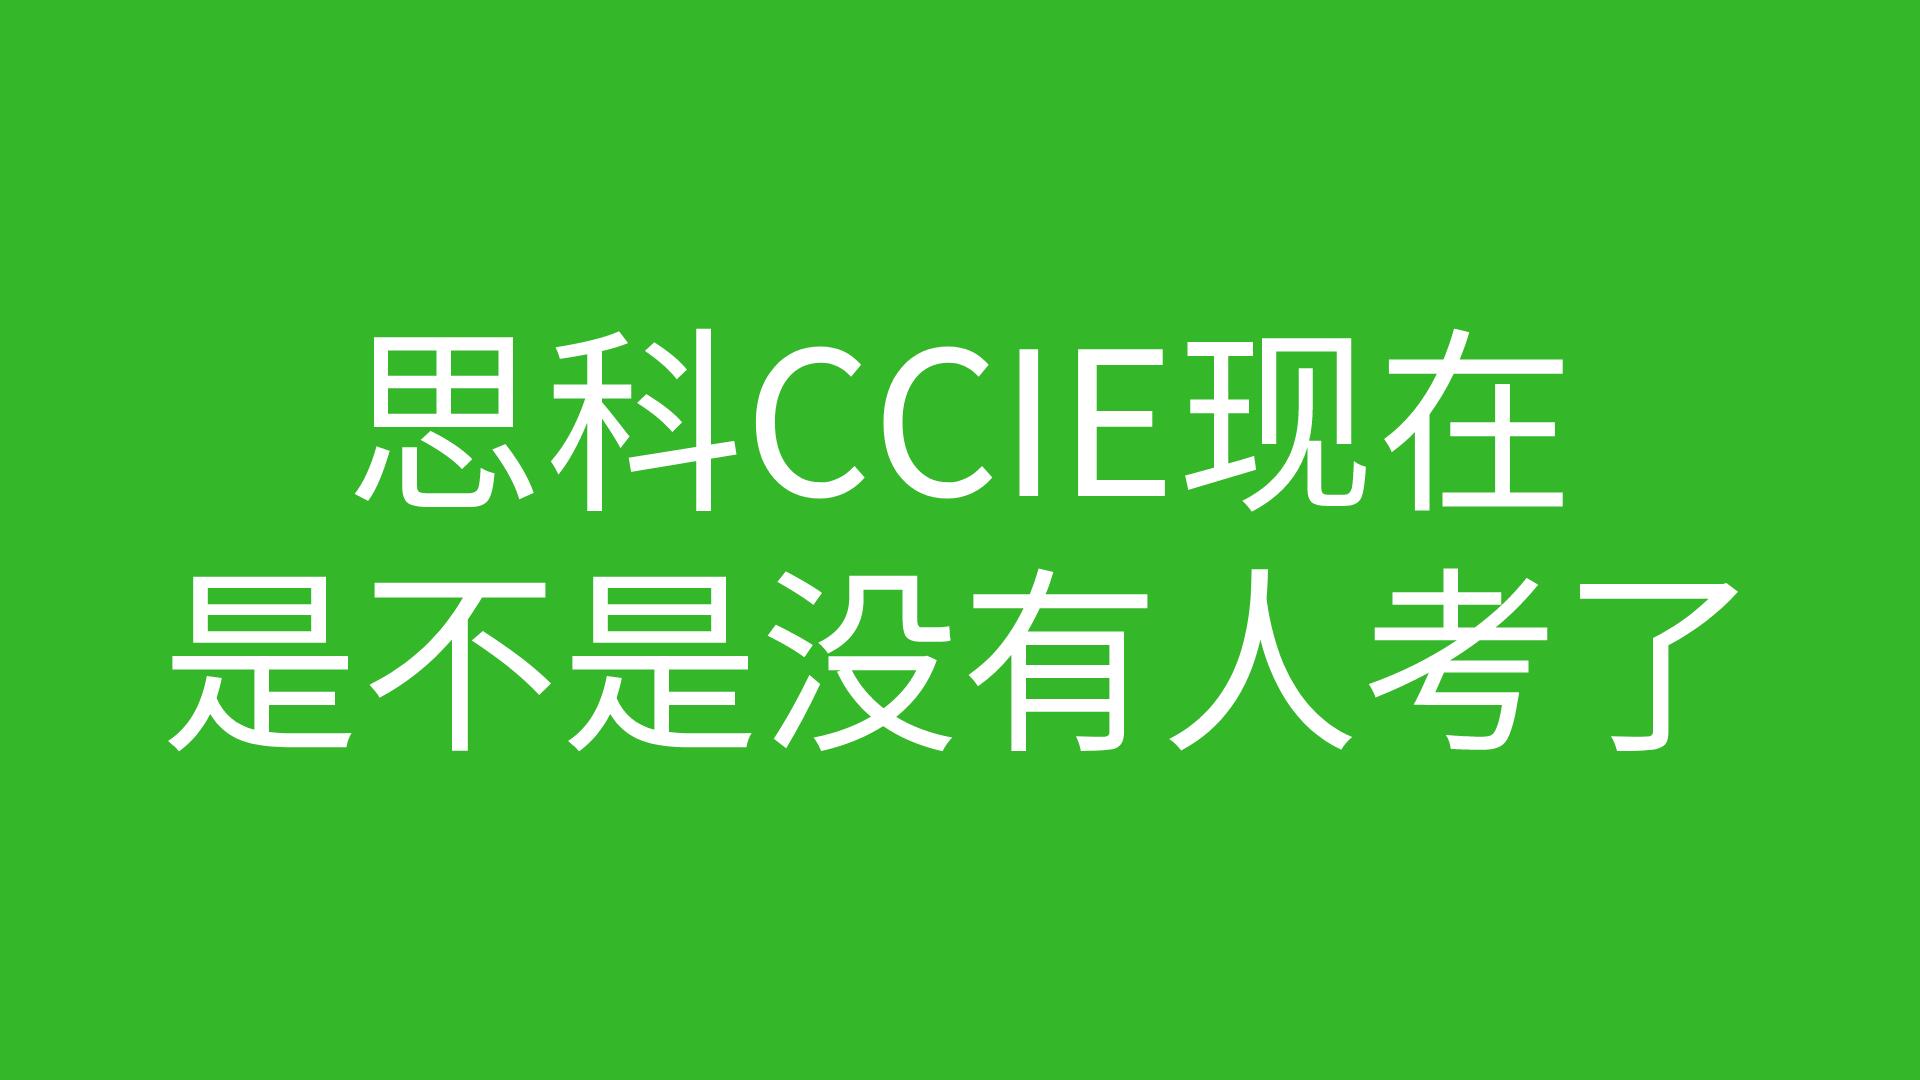 思科CCIE现在是不是没有人考了